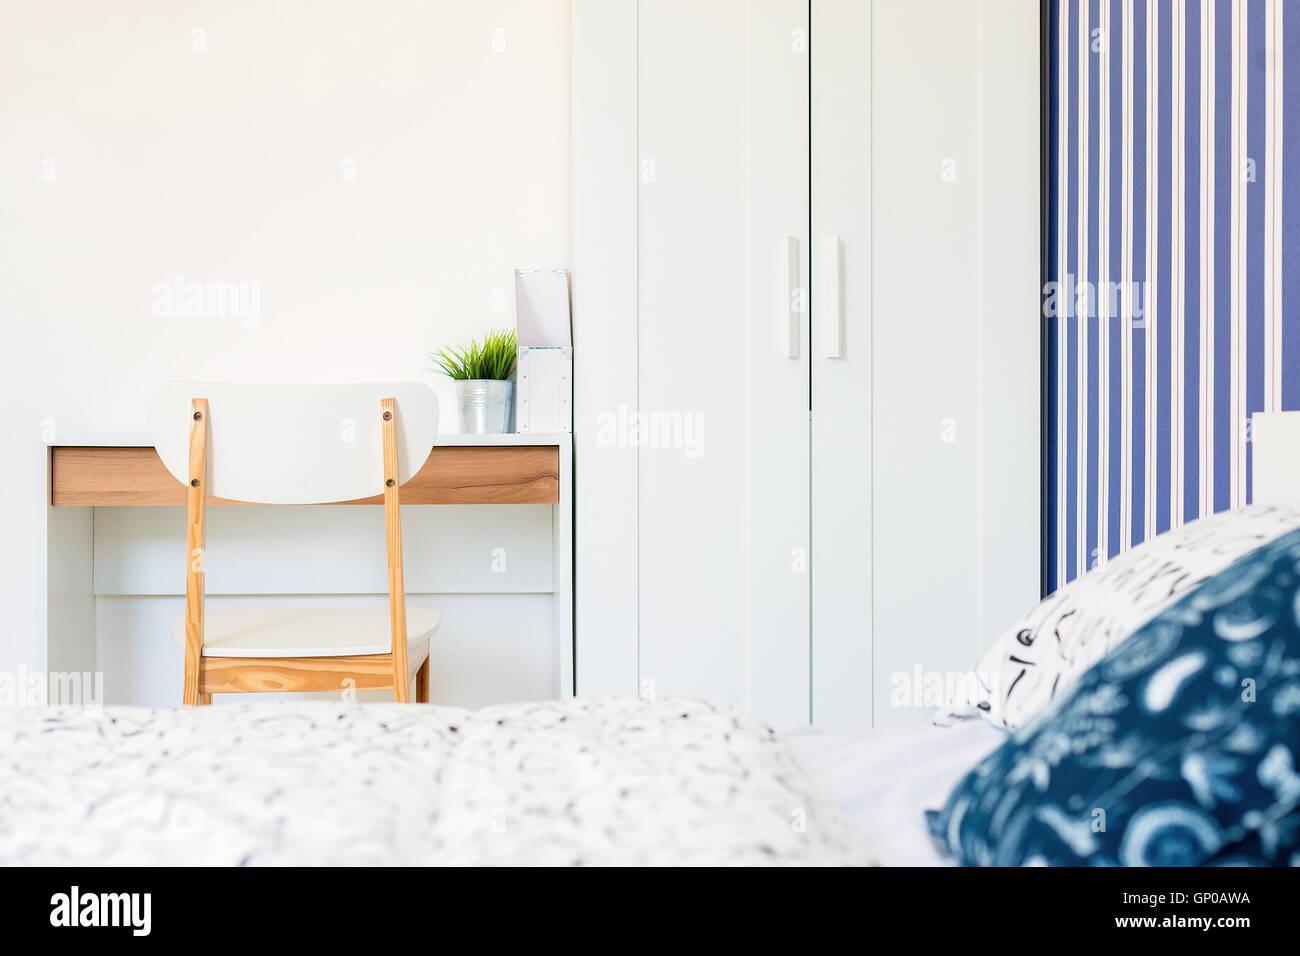 Papier Peint Deco Marine décoration maison, blanc et bleu marine en bois thème